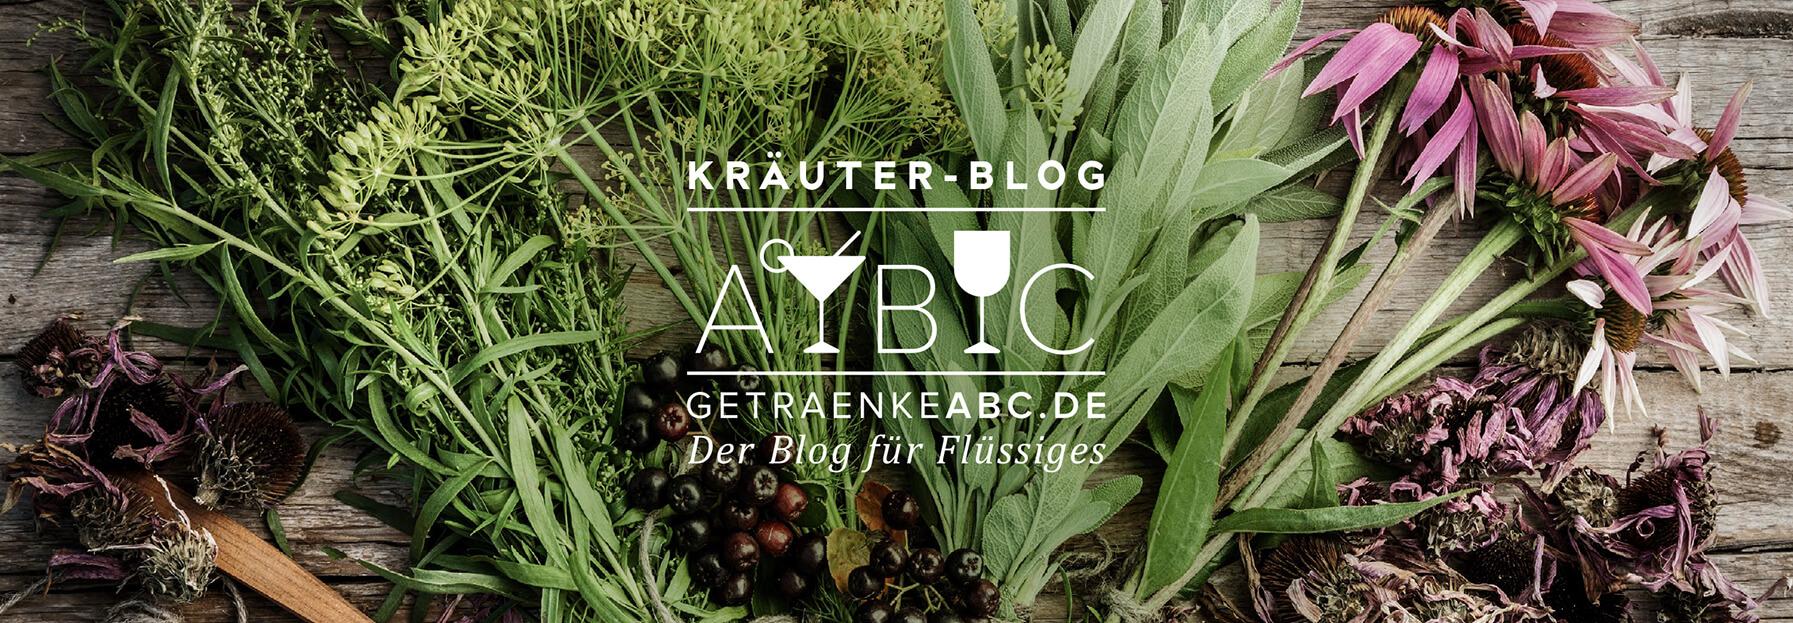 Kräuterblog